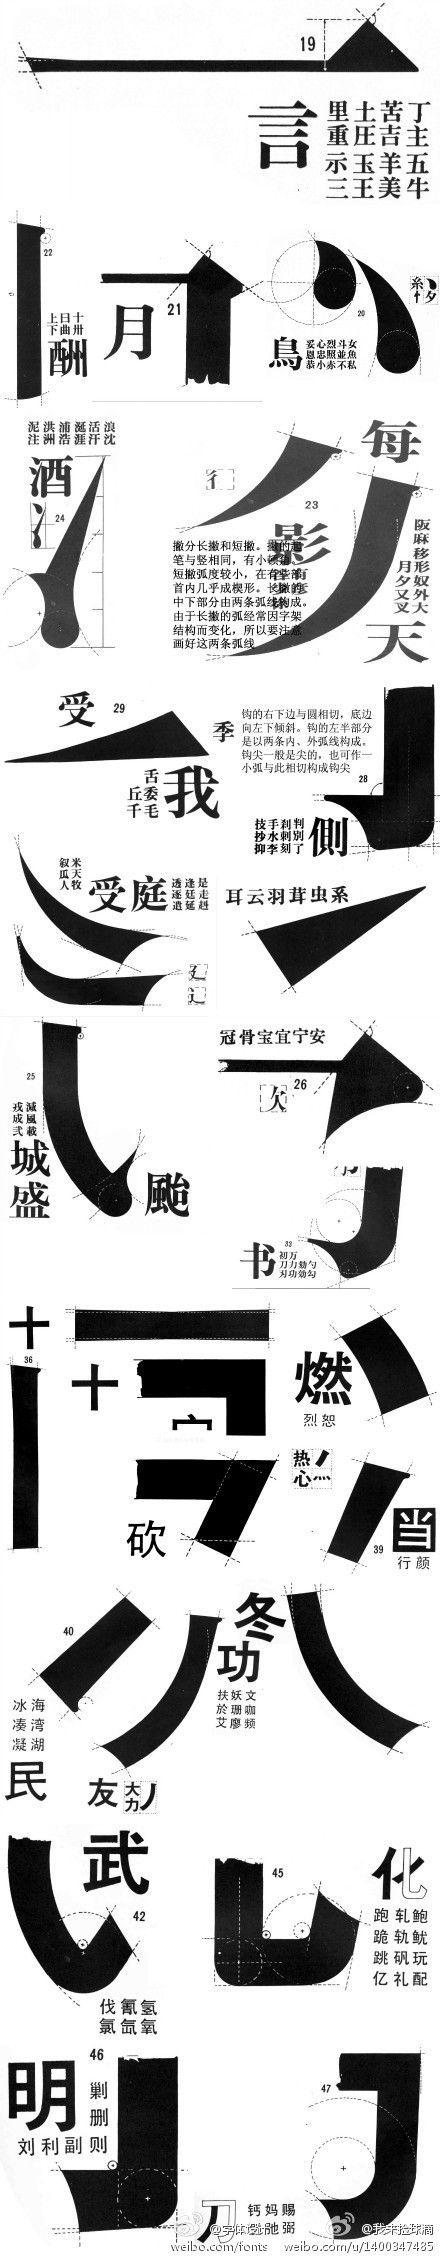 80'年代的经典字体设计教程,王亚非的汉字点画设计